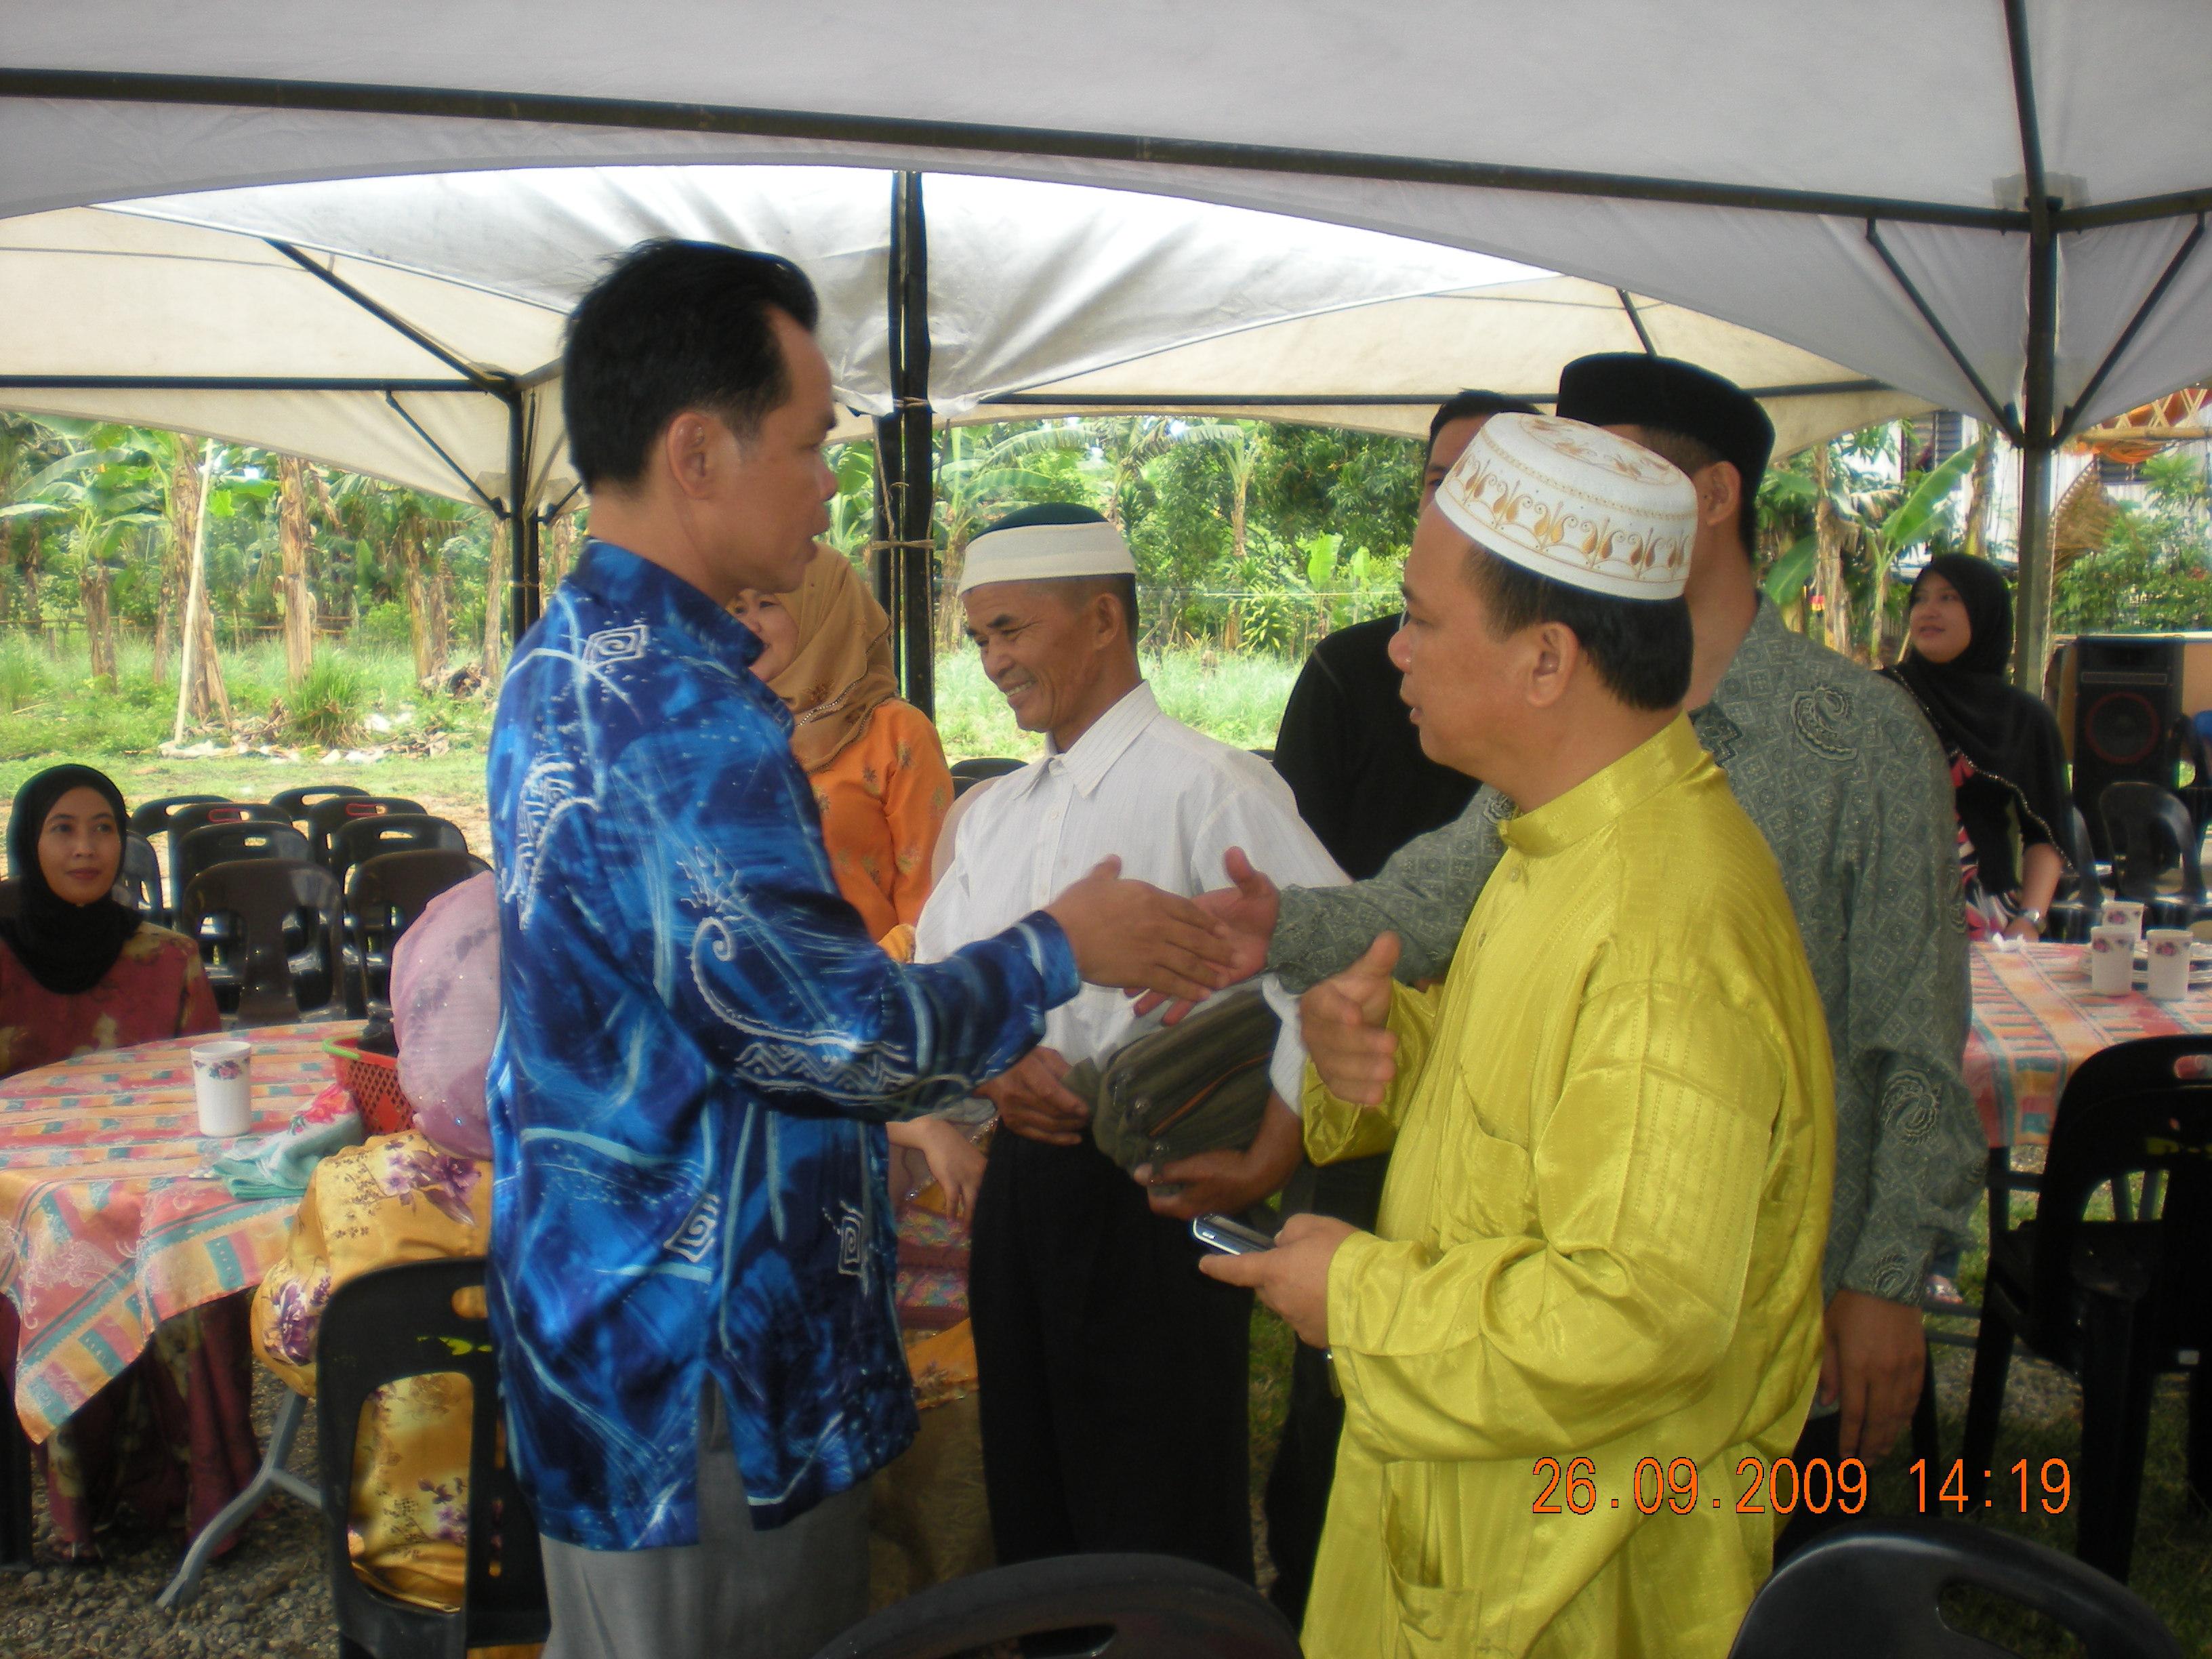 YB Datuk Rizalman Abdullah, antara orang kenamaan yang hadir. Terimakasih Datuk